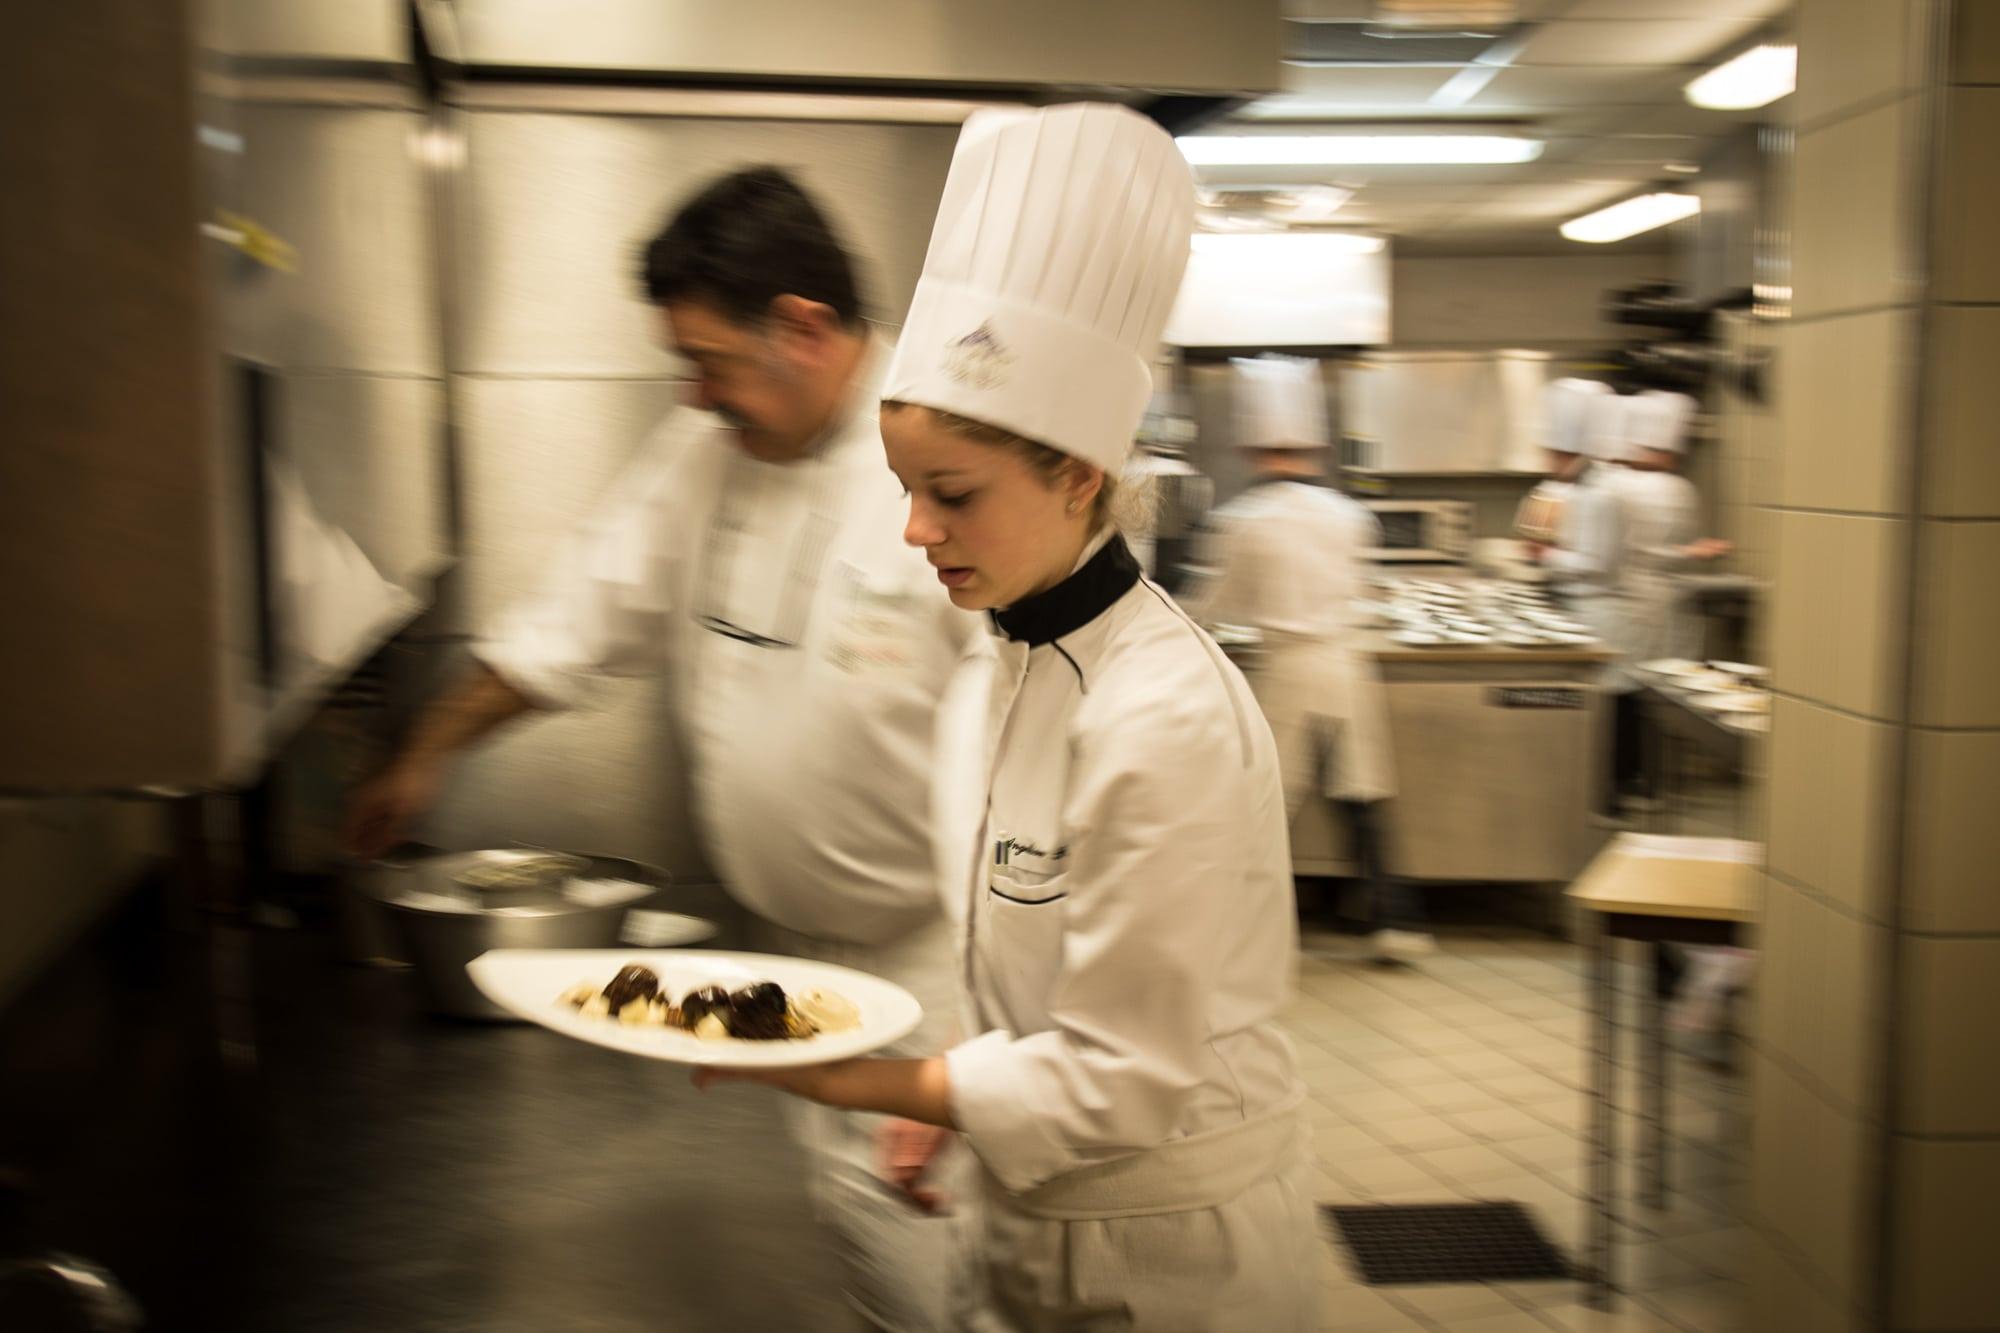 Ecole hoteliere le castel dijon clement bonvalot 25 - Cours de cuisine dijon ...